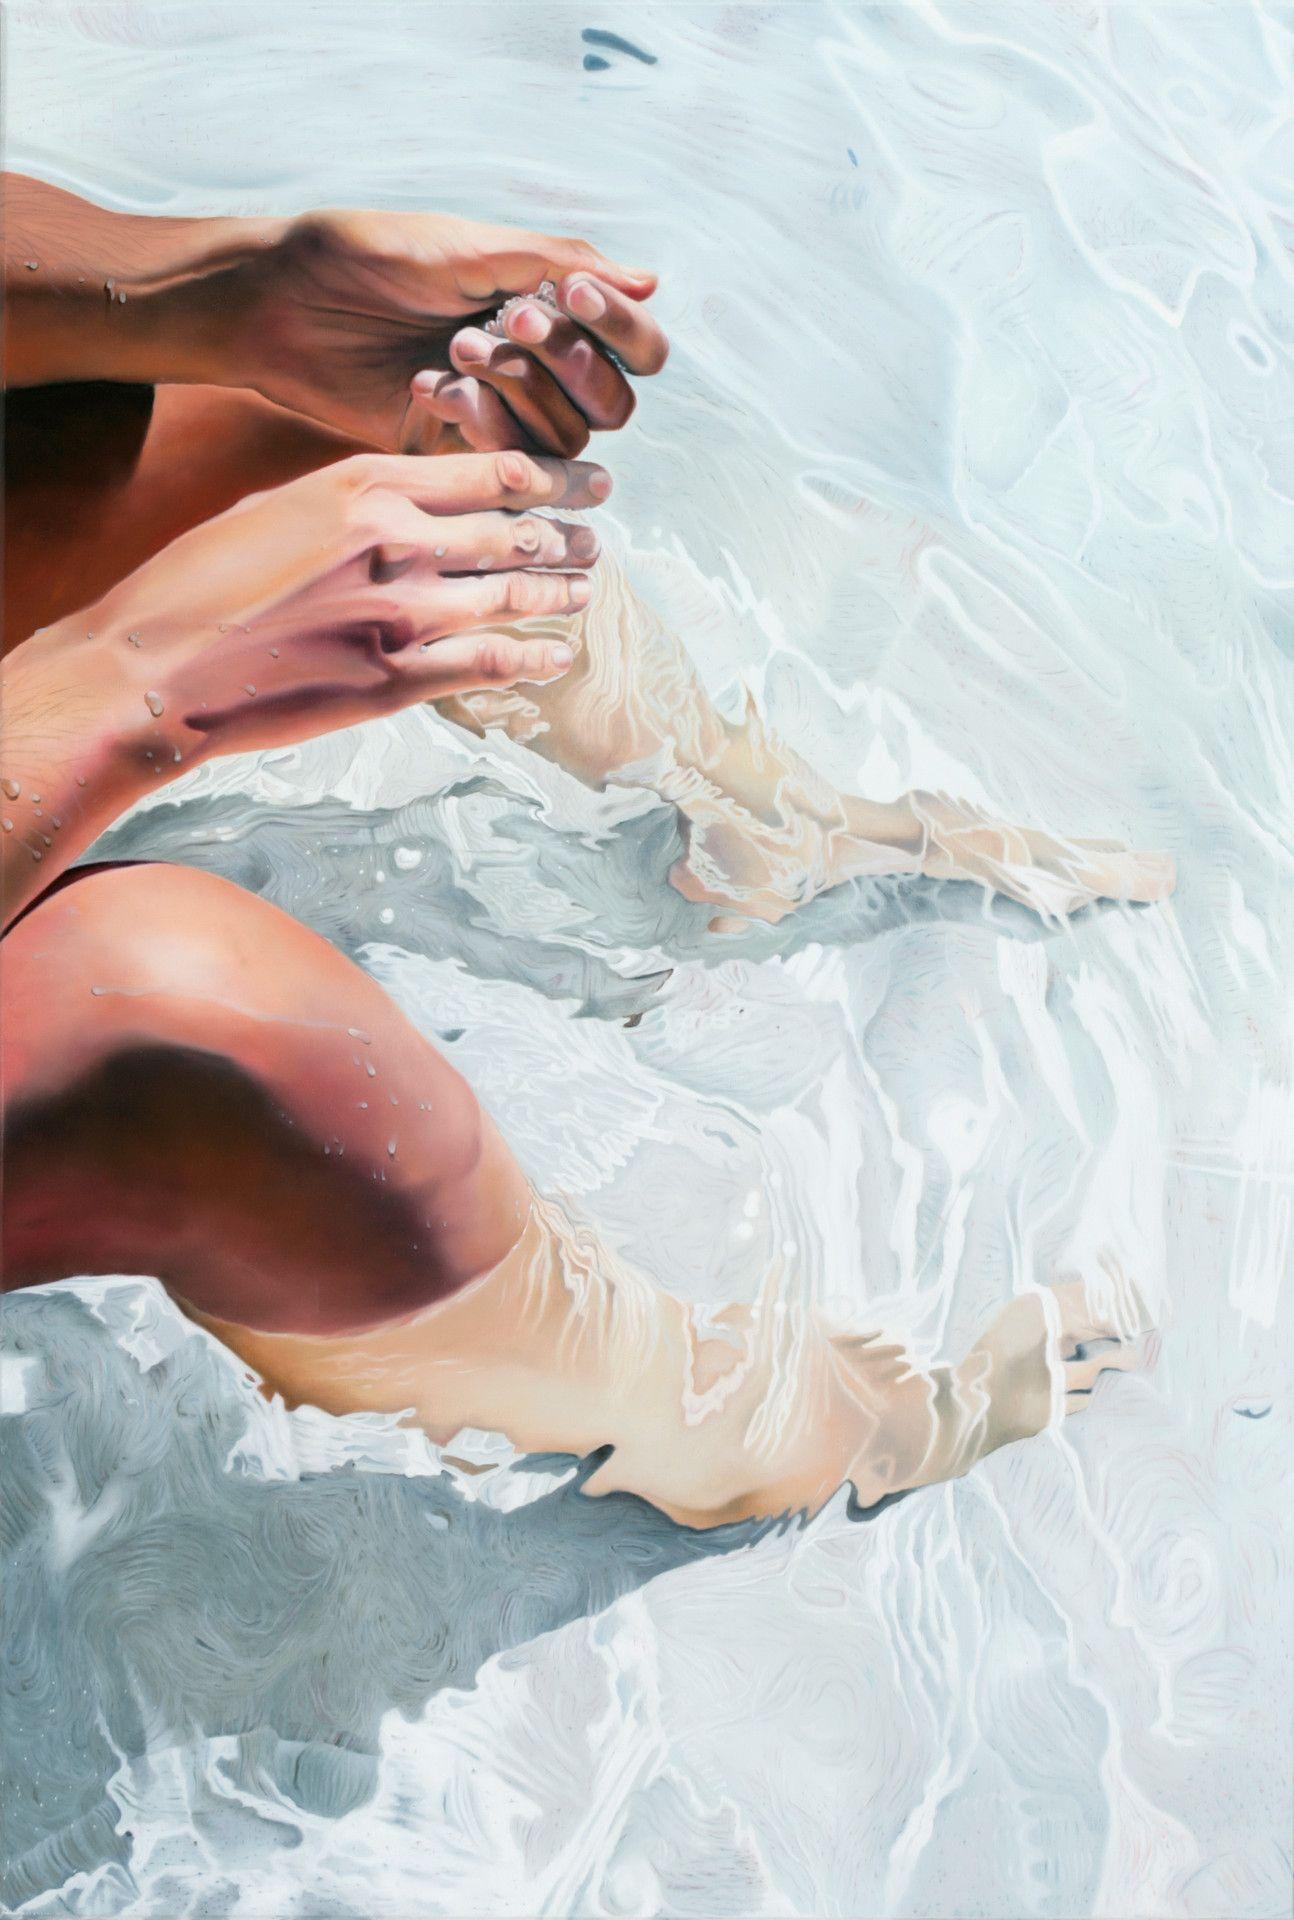 Un fragmento de piel acariciada, besada, recorrida...